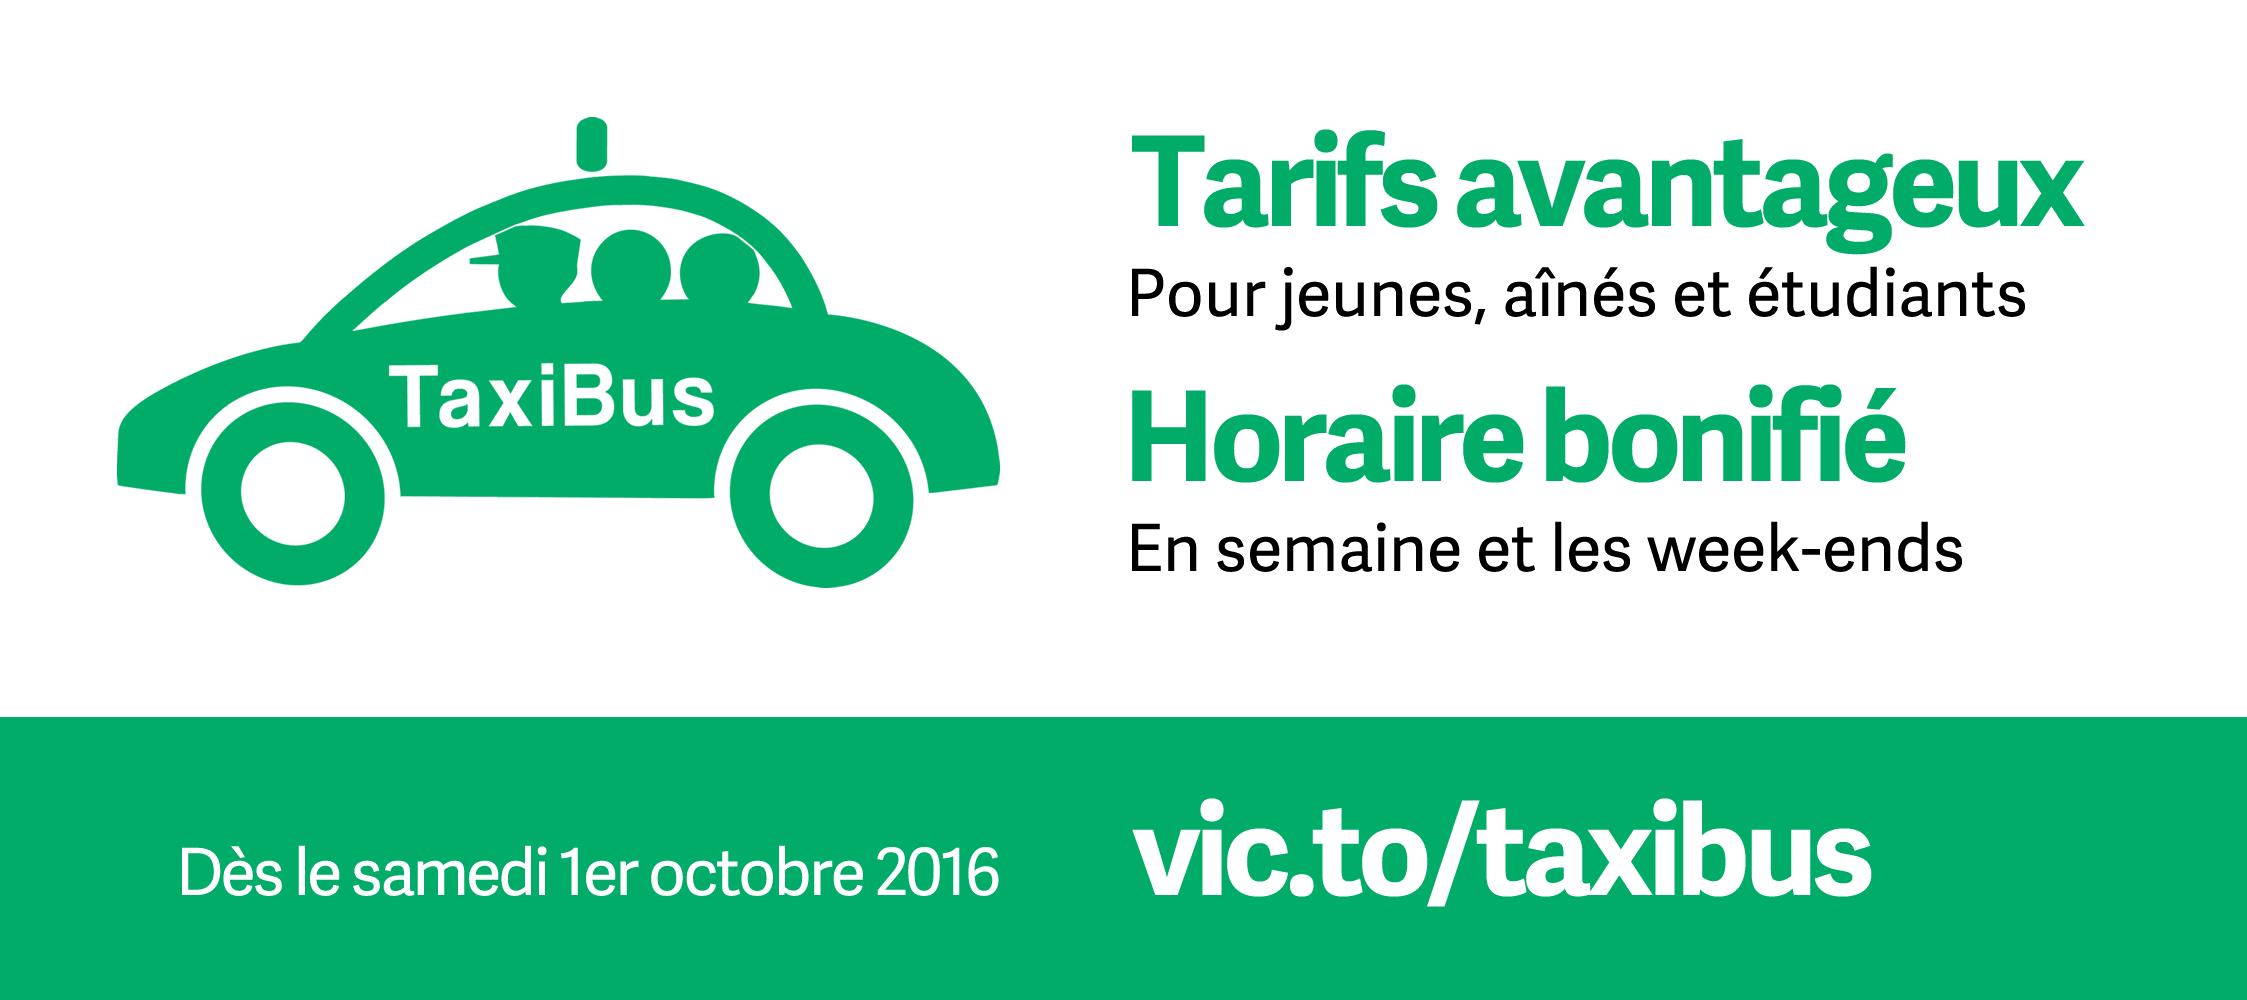 La tarification avantageuse et l'horaire bonifié du service TaxiBus entrent en vigueur le 1er octobre 2016